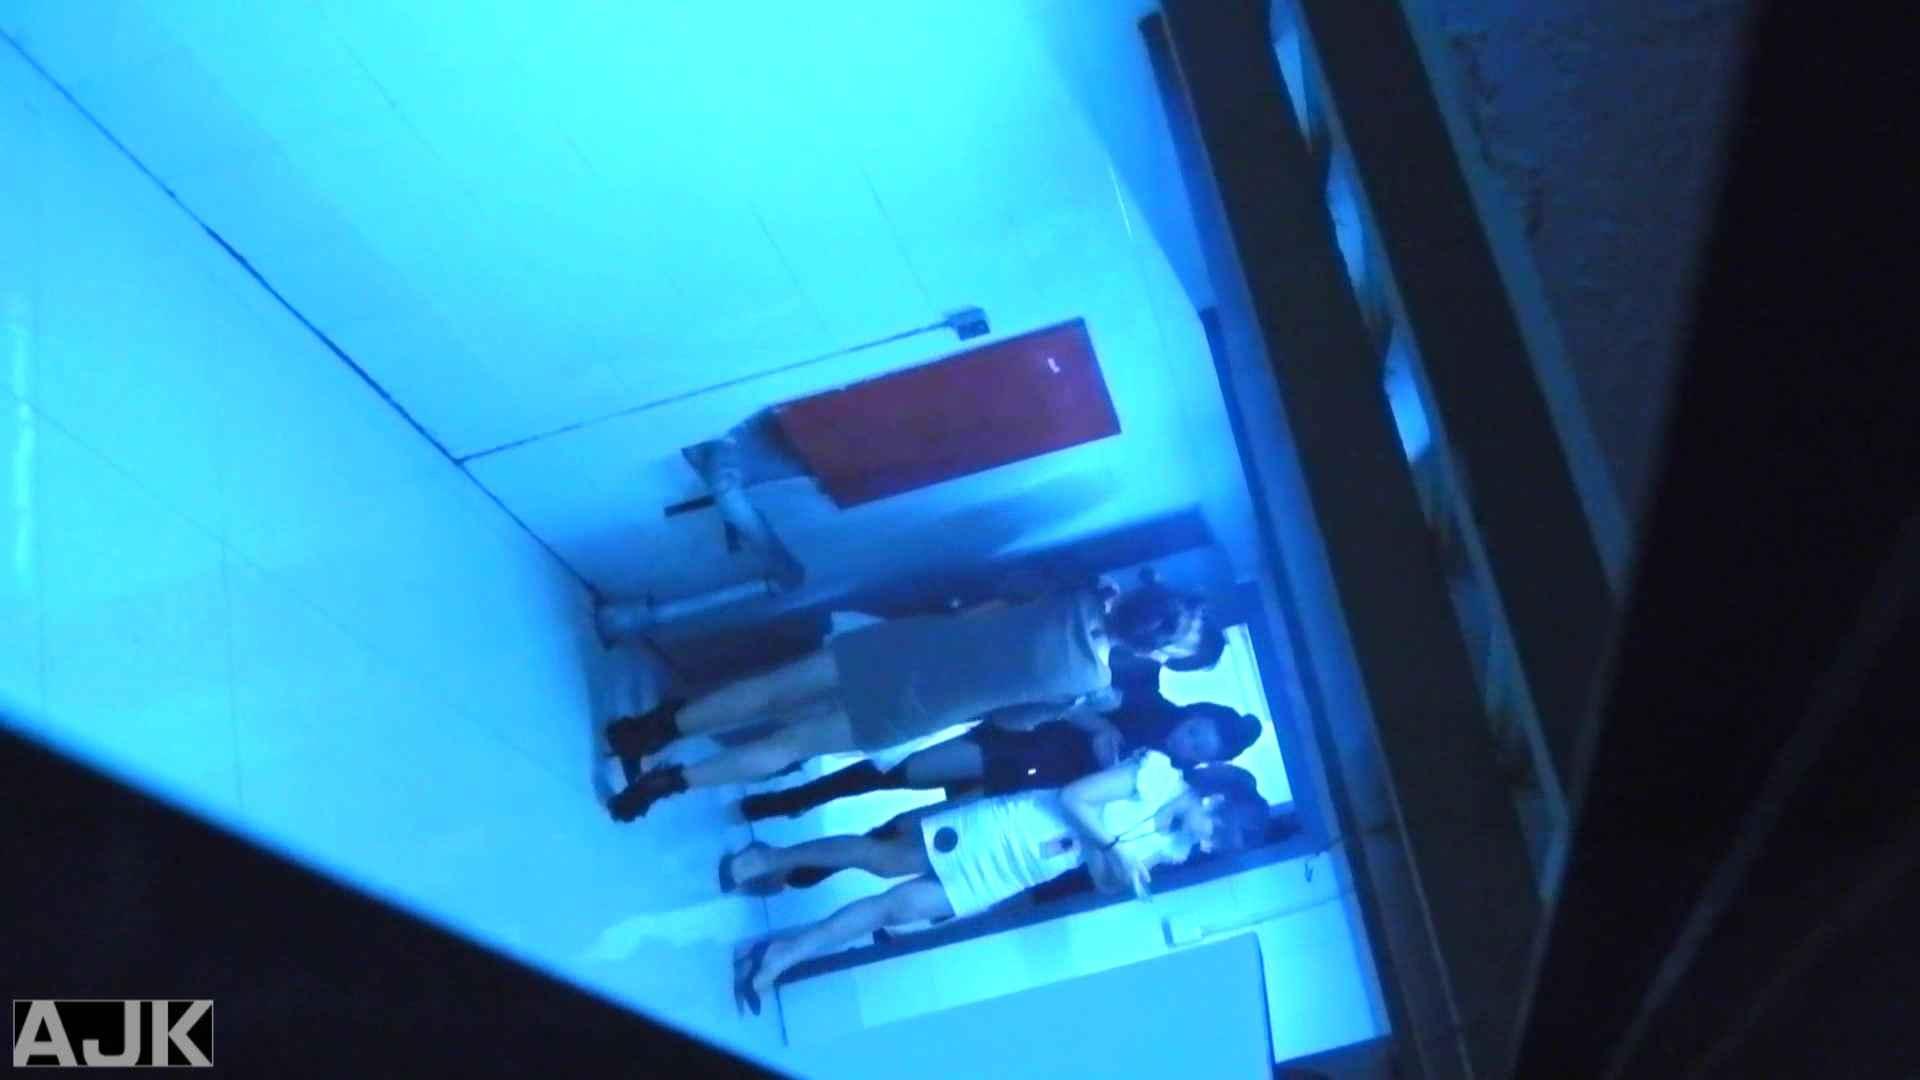 隣国上階級エリアの令嬢たちが集うデパートお手洗い Vol.17 女子トイレ編 ぱこり動画紹介 86画像 9